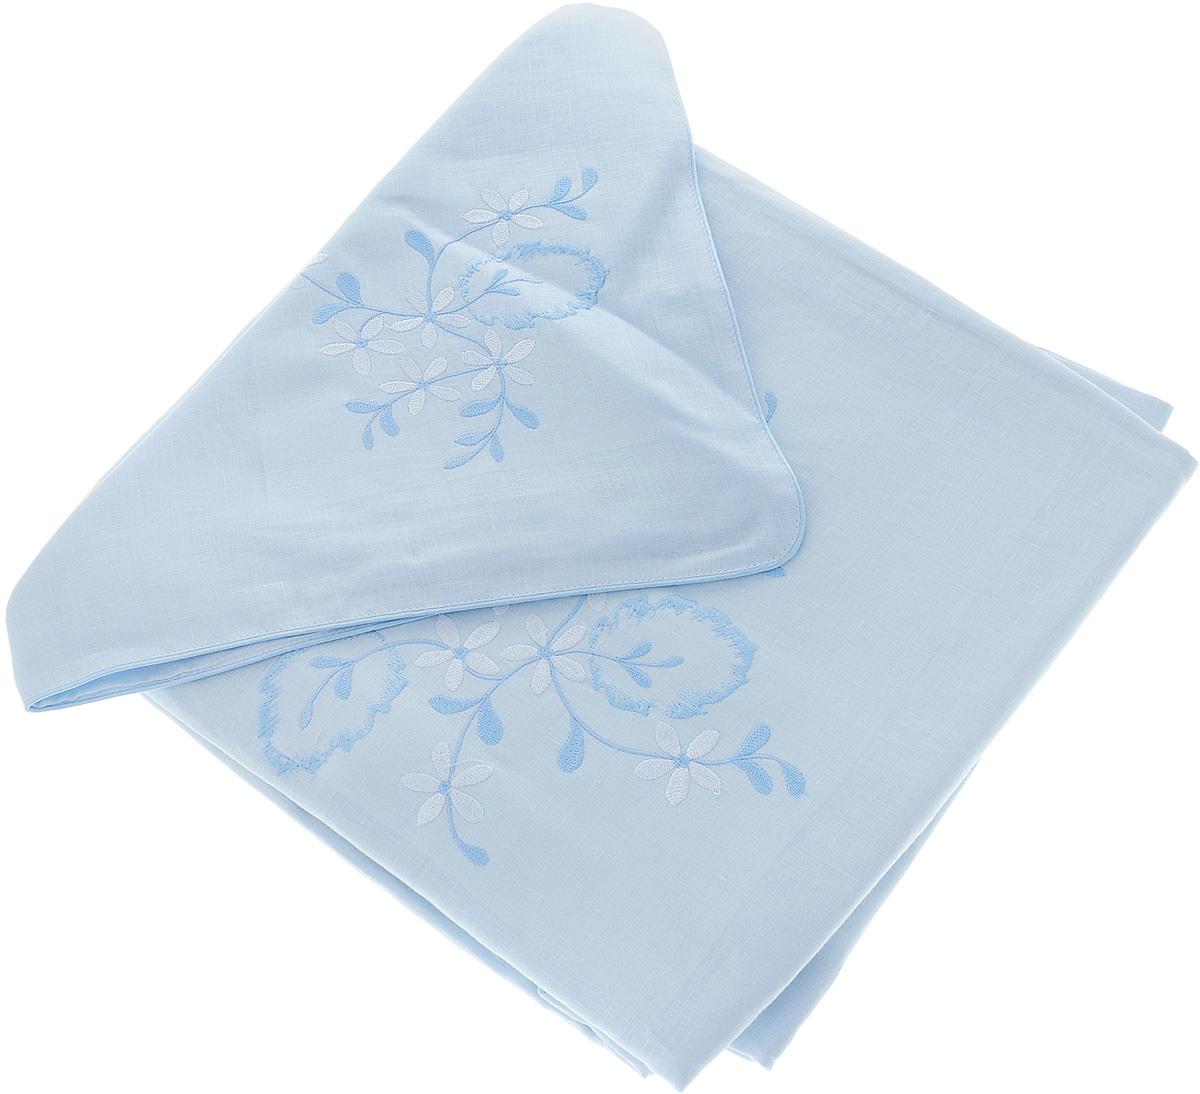 Комплект белья Гаврилов-Ямский Лен, 2-спальный, наволочки 70х70, цвет: голубой5со5939_вышивка голубой цветокКомплект постельного белья Гаврилов-Ямский Лен выполнен из 100% льна и оформлен вышивкой. Комплект состоит из пододеяльника, простыни и двух наволочек. Постельное белье имеет изысканный внешний вид. Наволочки застегиваются на клапан. Постельное белье из льна обладает гигроскопичностью, хорошо впитывает влагу, быстро сохнет и способно выдерживать очень большое количество стирок. Благодаря такому комплекту постельного белья вы сможете создать атмосферу роскоши и романтики в вашей спальне.